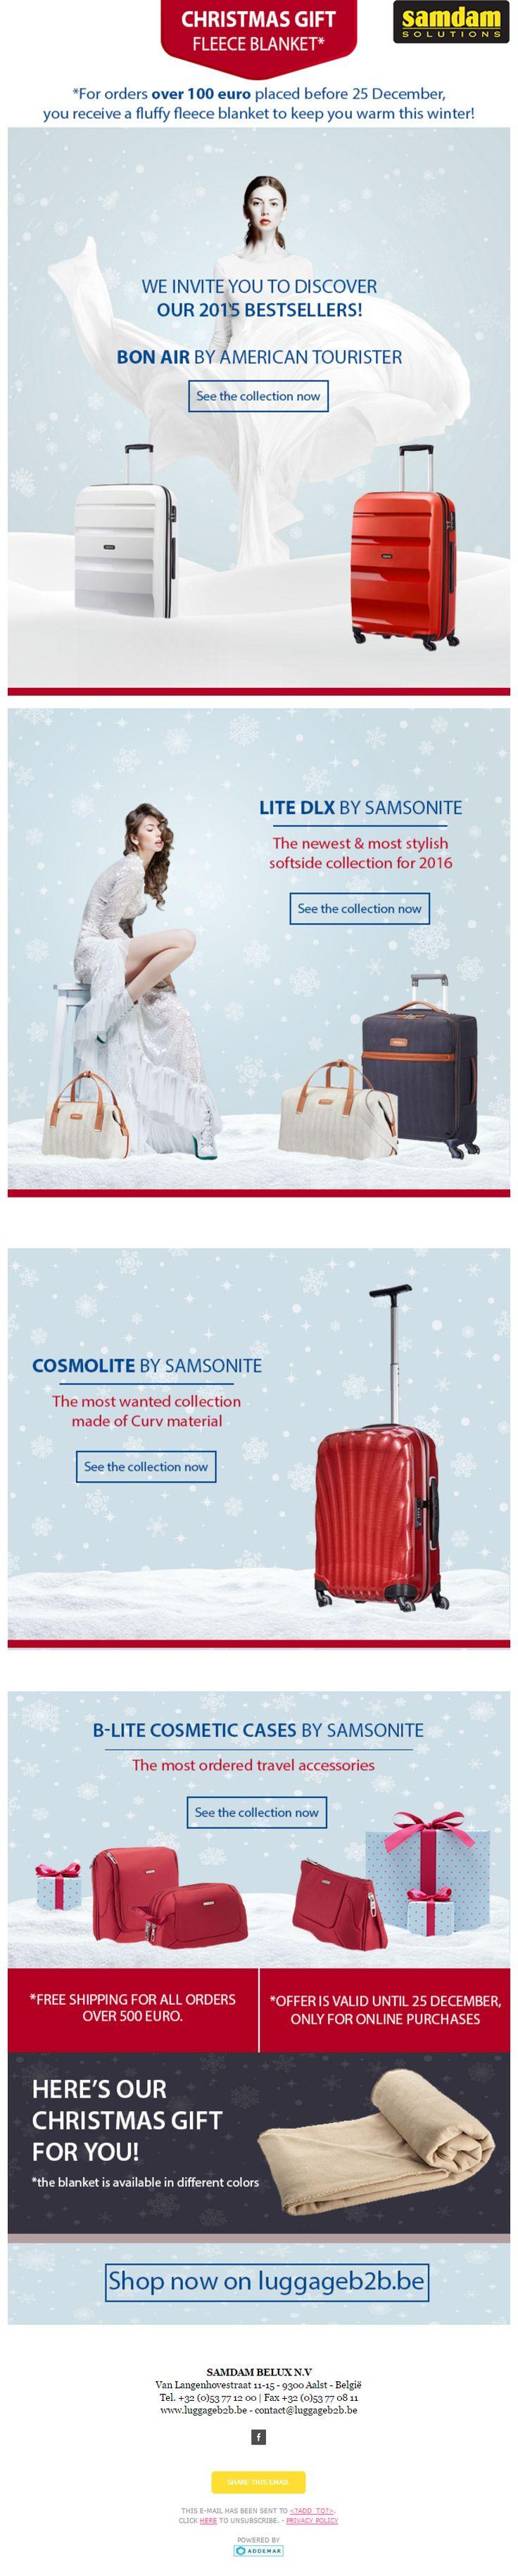 Newsletter design for LuggageB2B.be